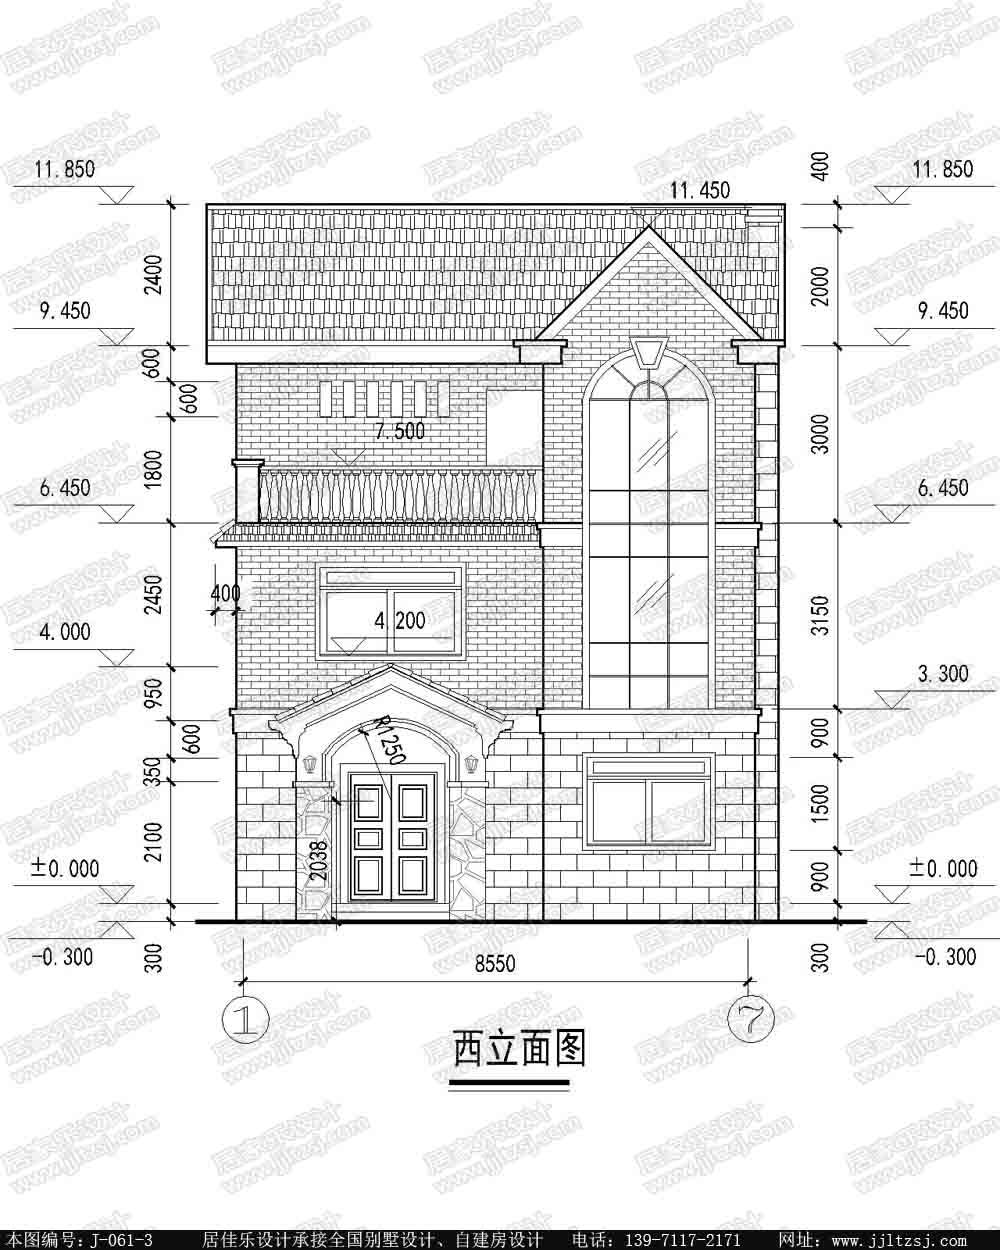 新农村自建房三层别墅设计施工图(现代风格),8.55x12.7米,22-26万